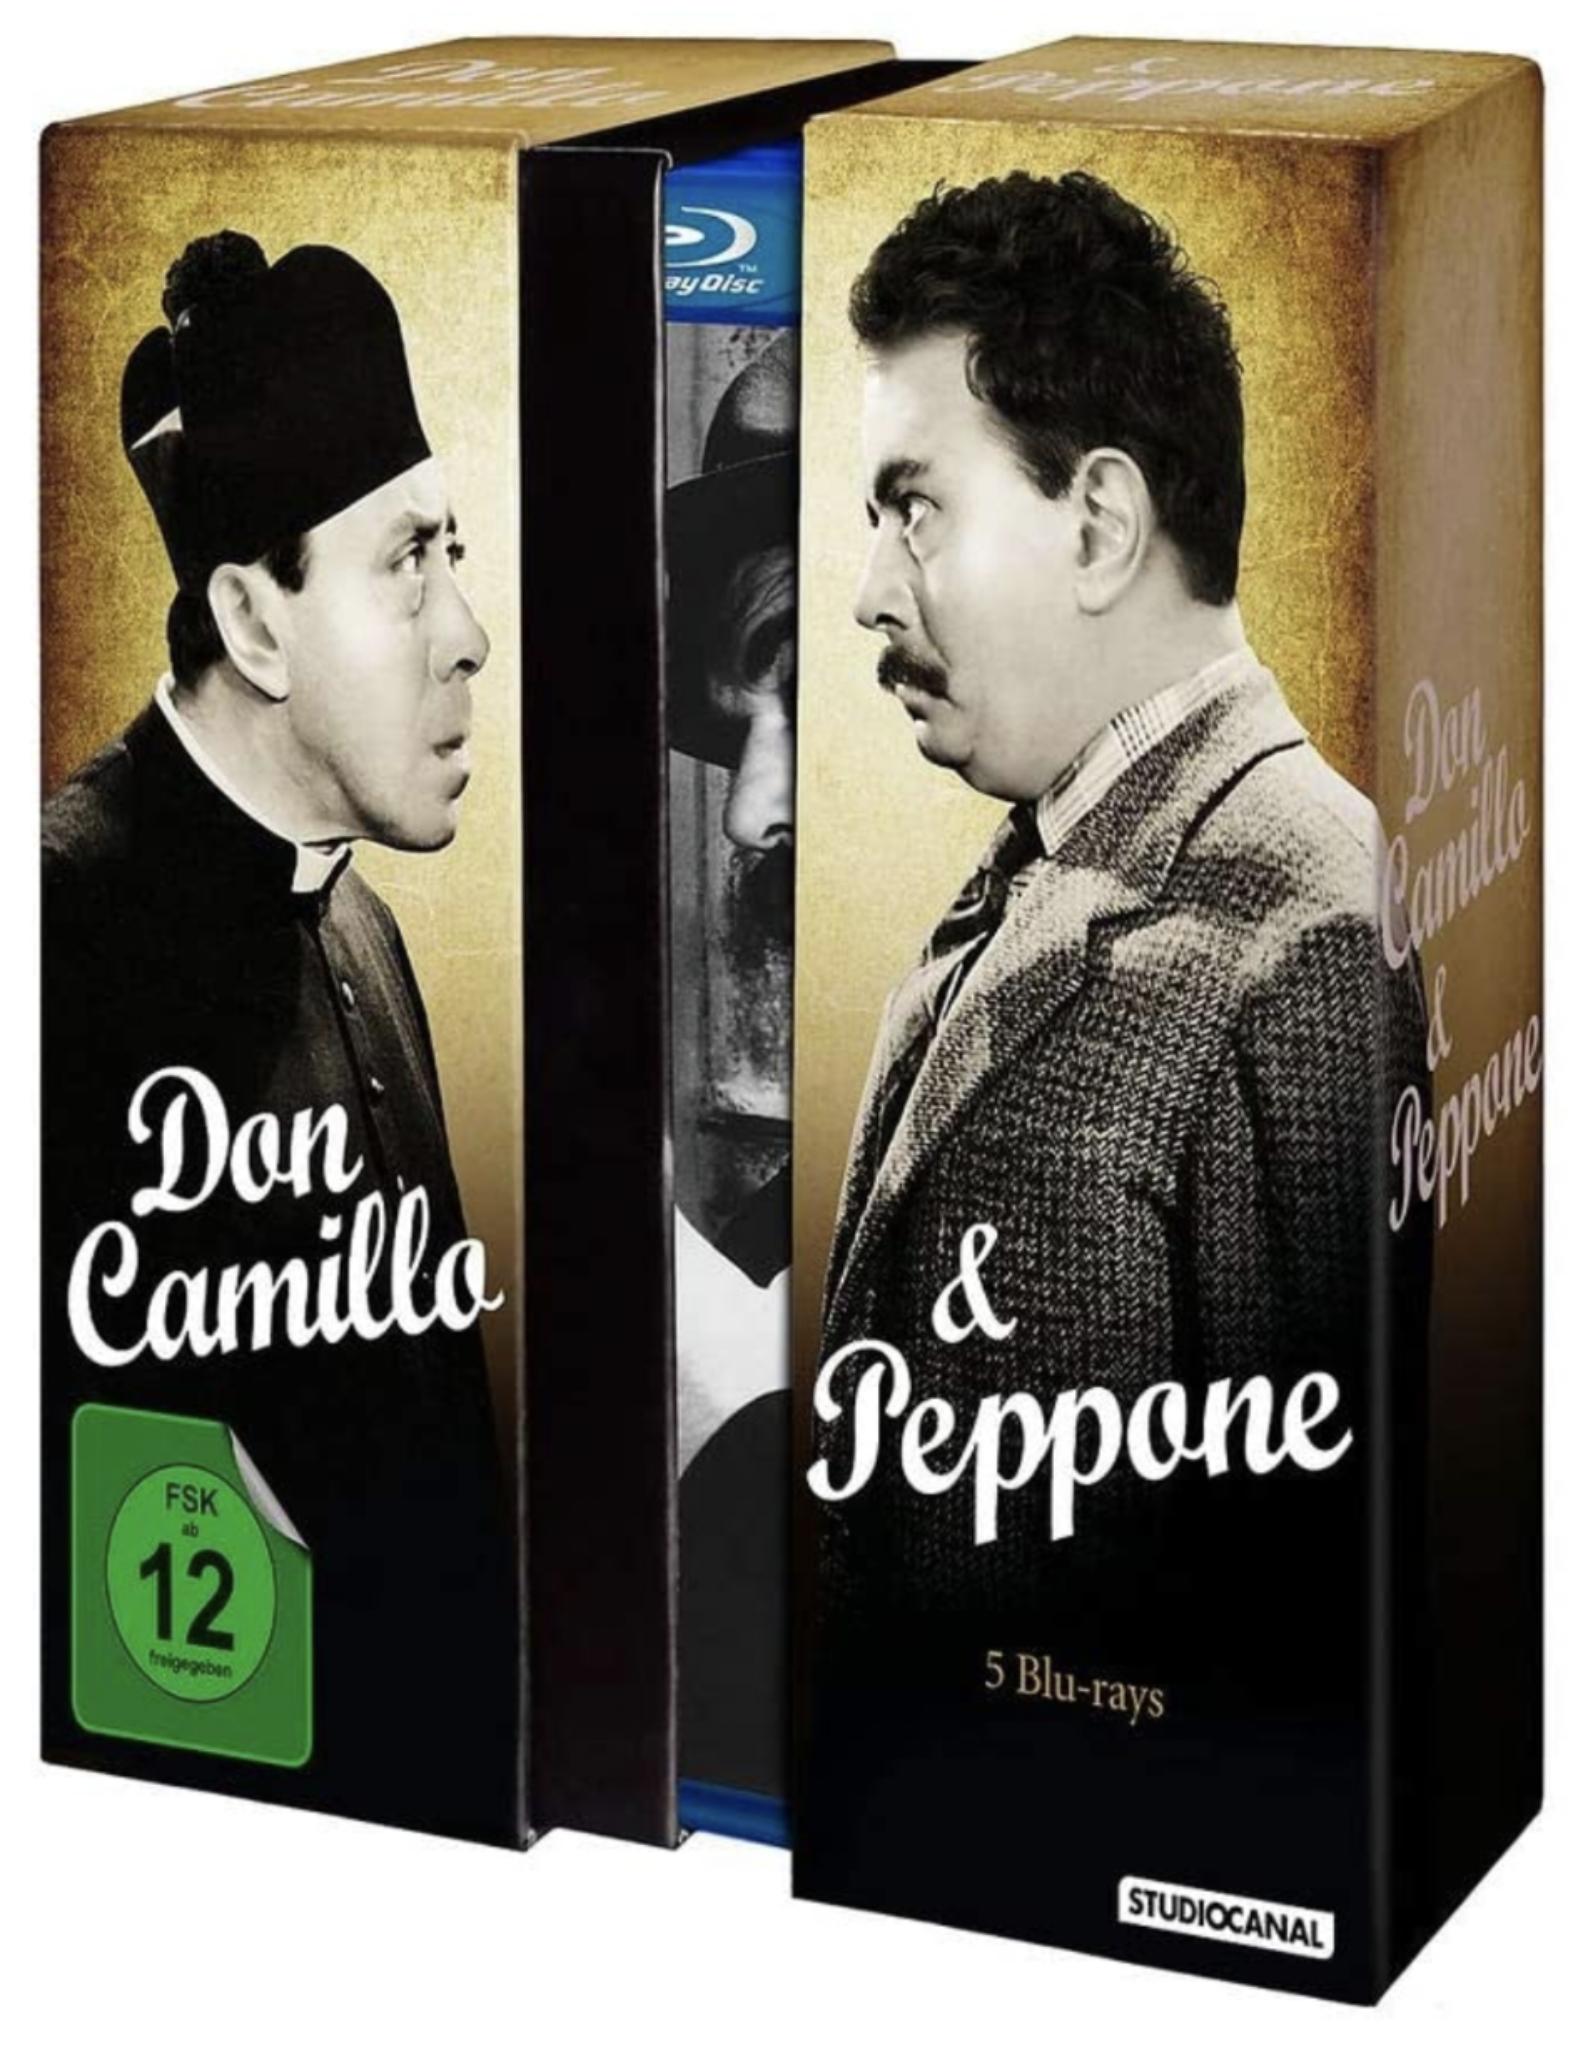 Amazon: Don Camillo & Peppone BluRay Box (5 Filme) für 29,99€